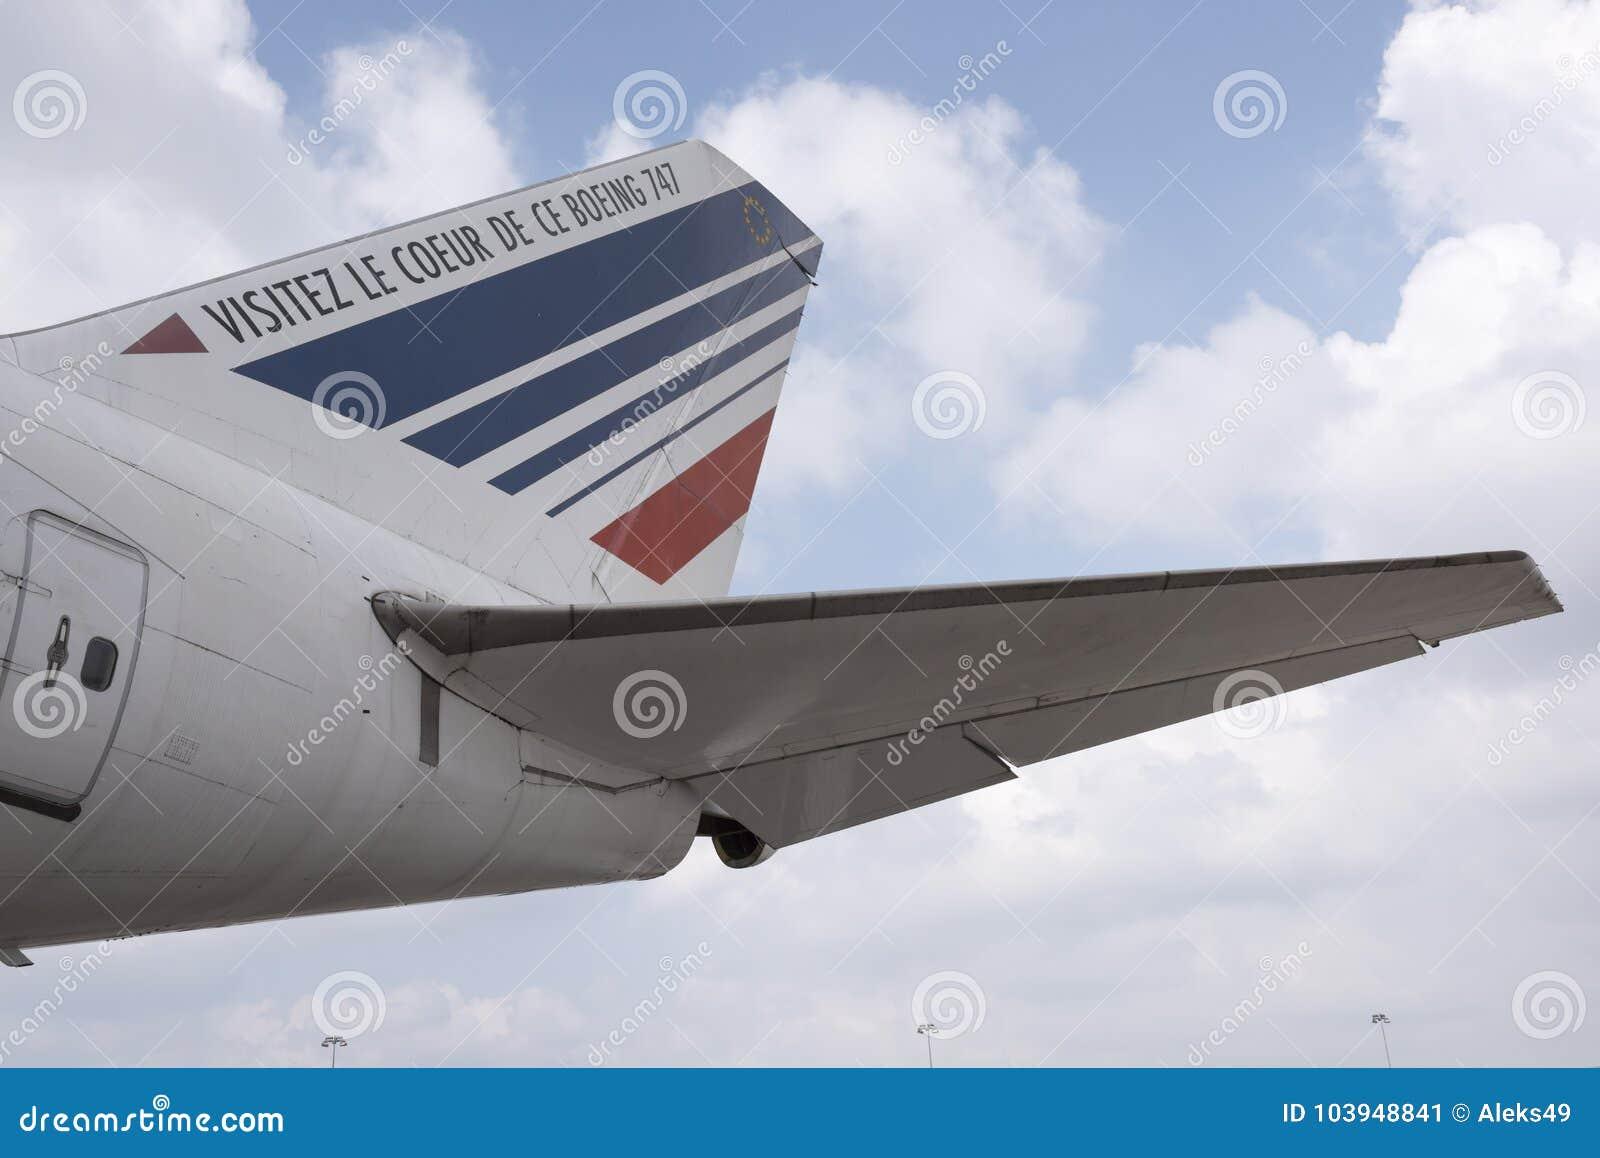 Avions Boeing 747 dans le musée de l astronautique et de l aviation